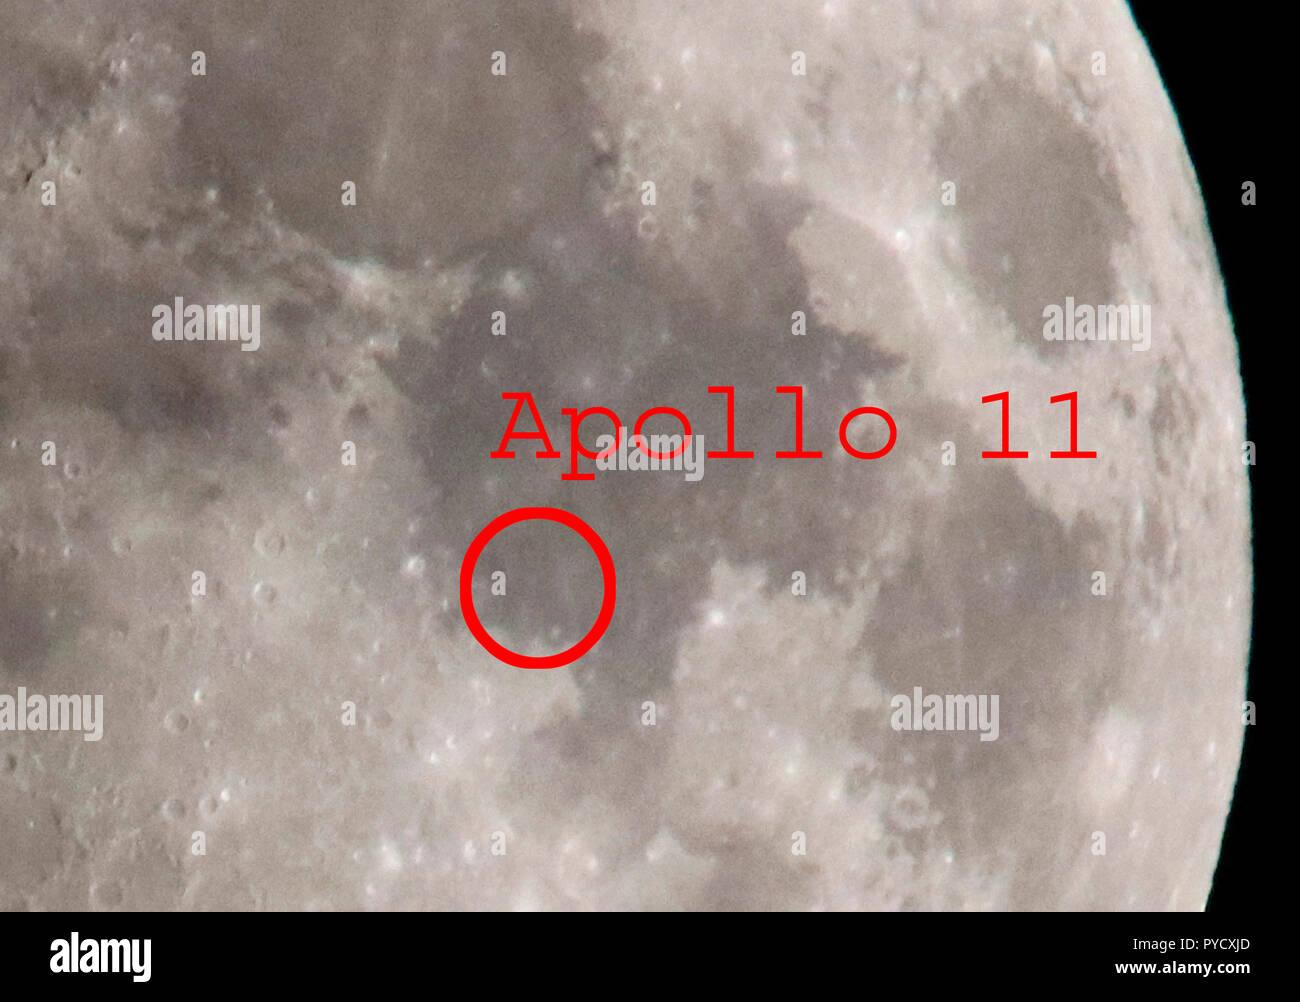 Mond, Halbmond, mit dem Ort der ersten Mondlandung der NASA-Mission 'Apollo 11', Mare Tranquillitatis, Berlin (nur fuer redaktionelle Verwendung. Kein - Stock Image